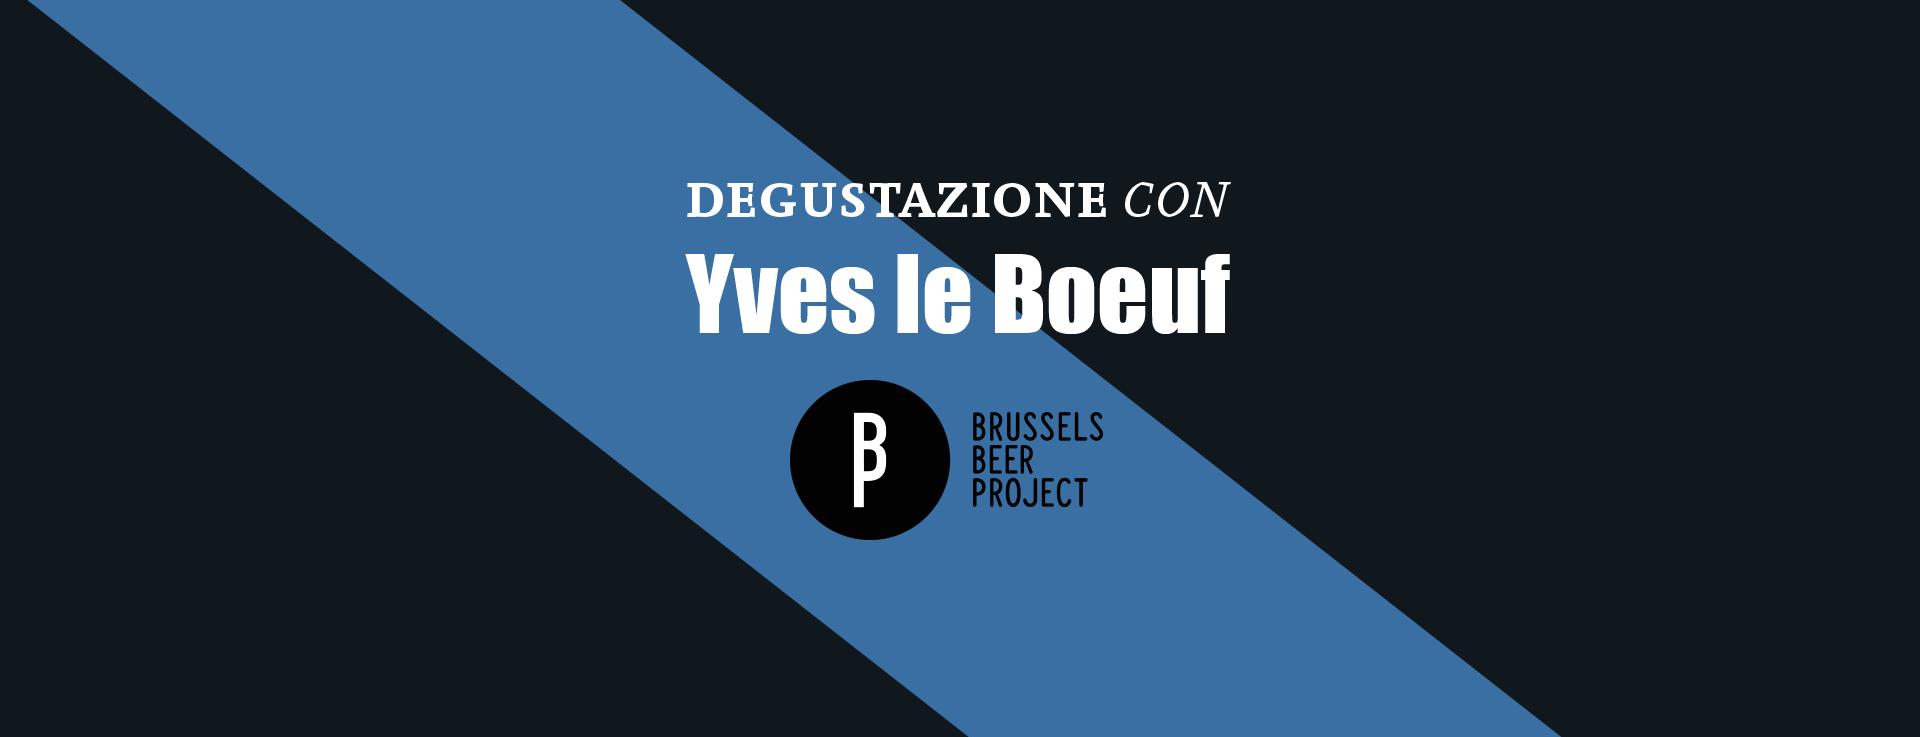 Degustazione con Yves Le Boeuf di Brussels beer Project al Dash Kitchen